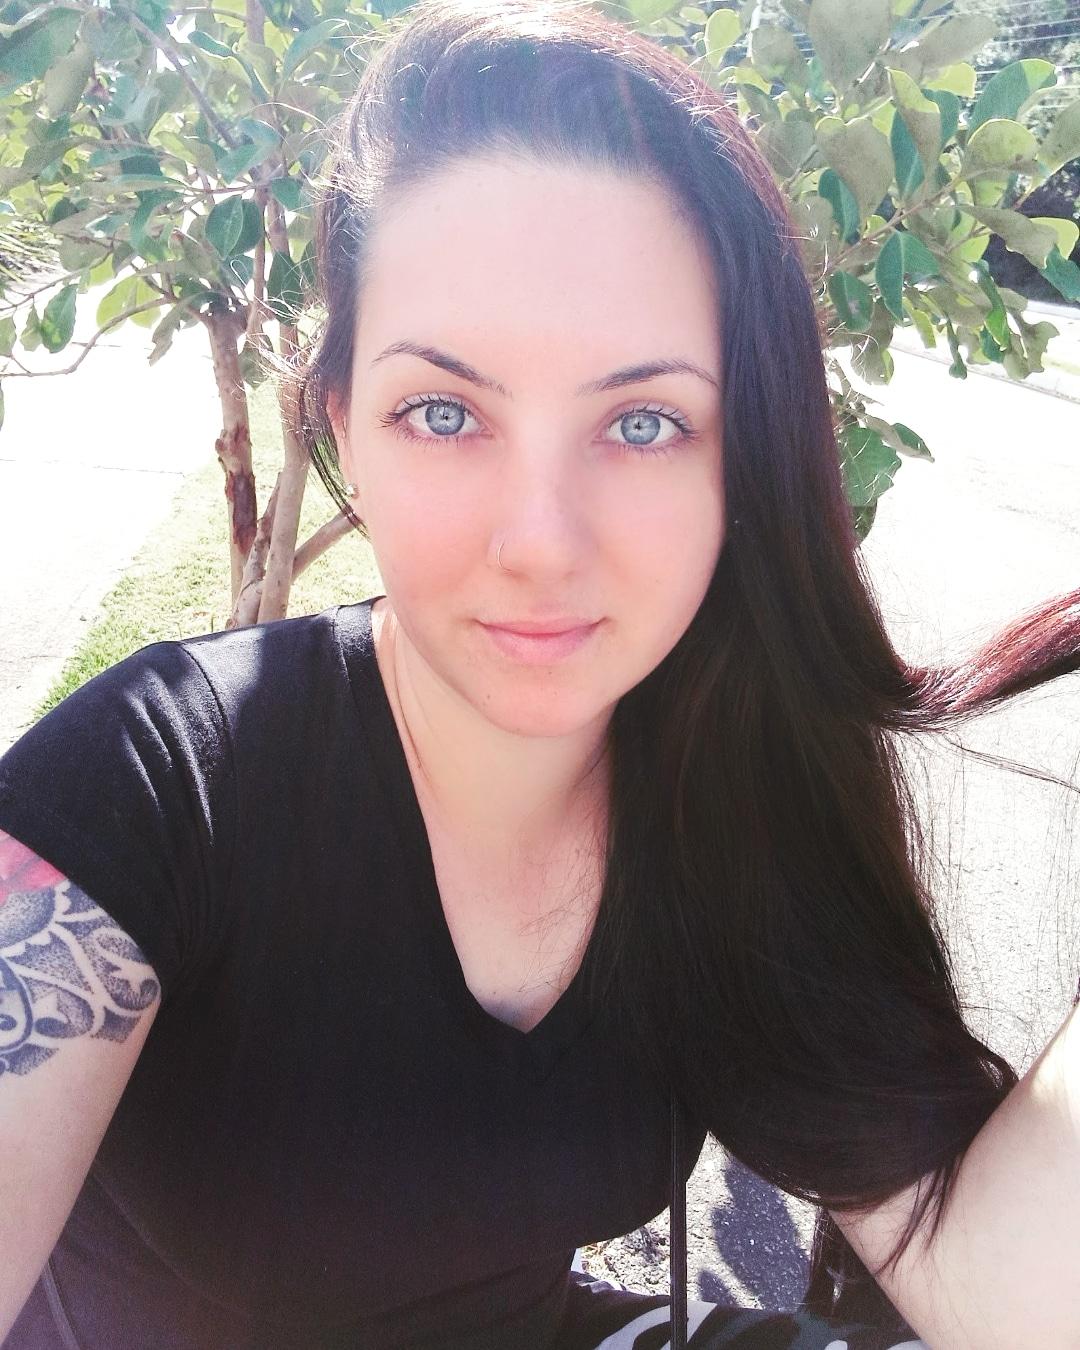 Alessandra Schmaedecke